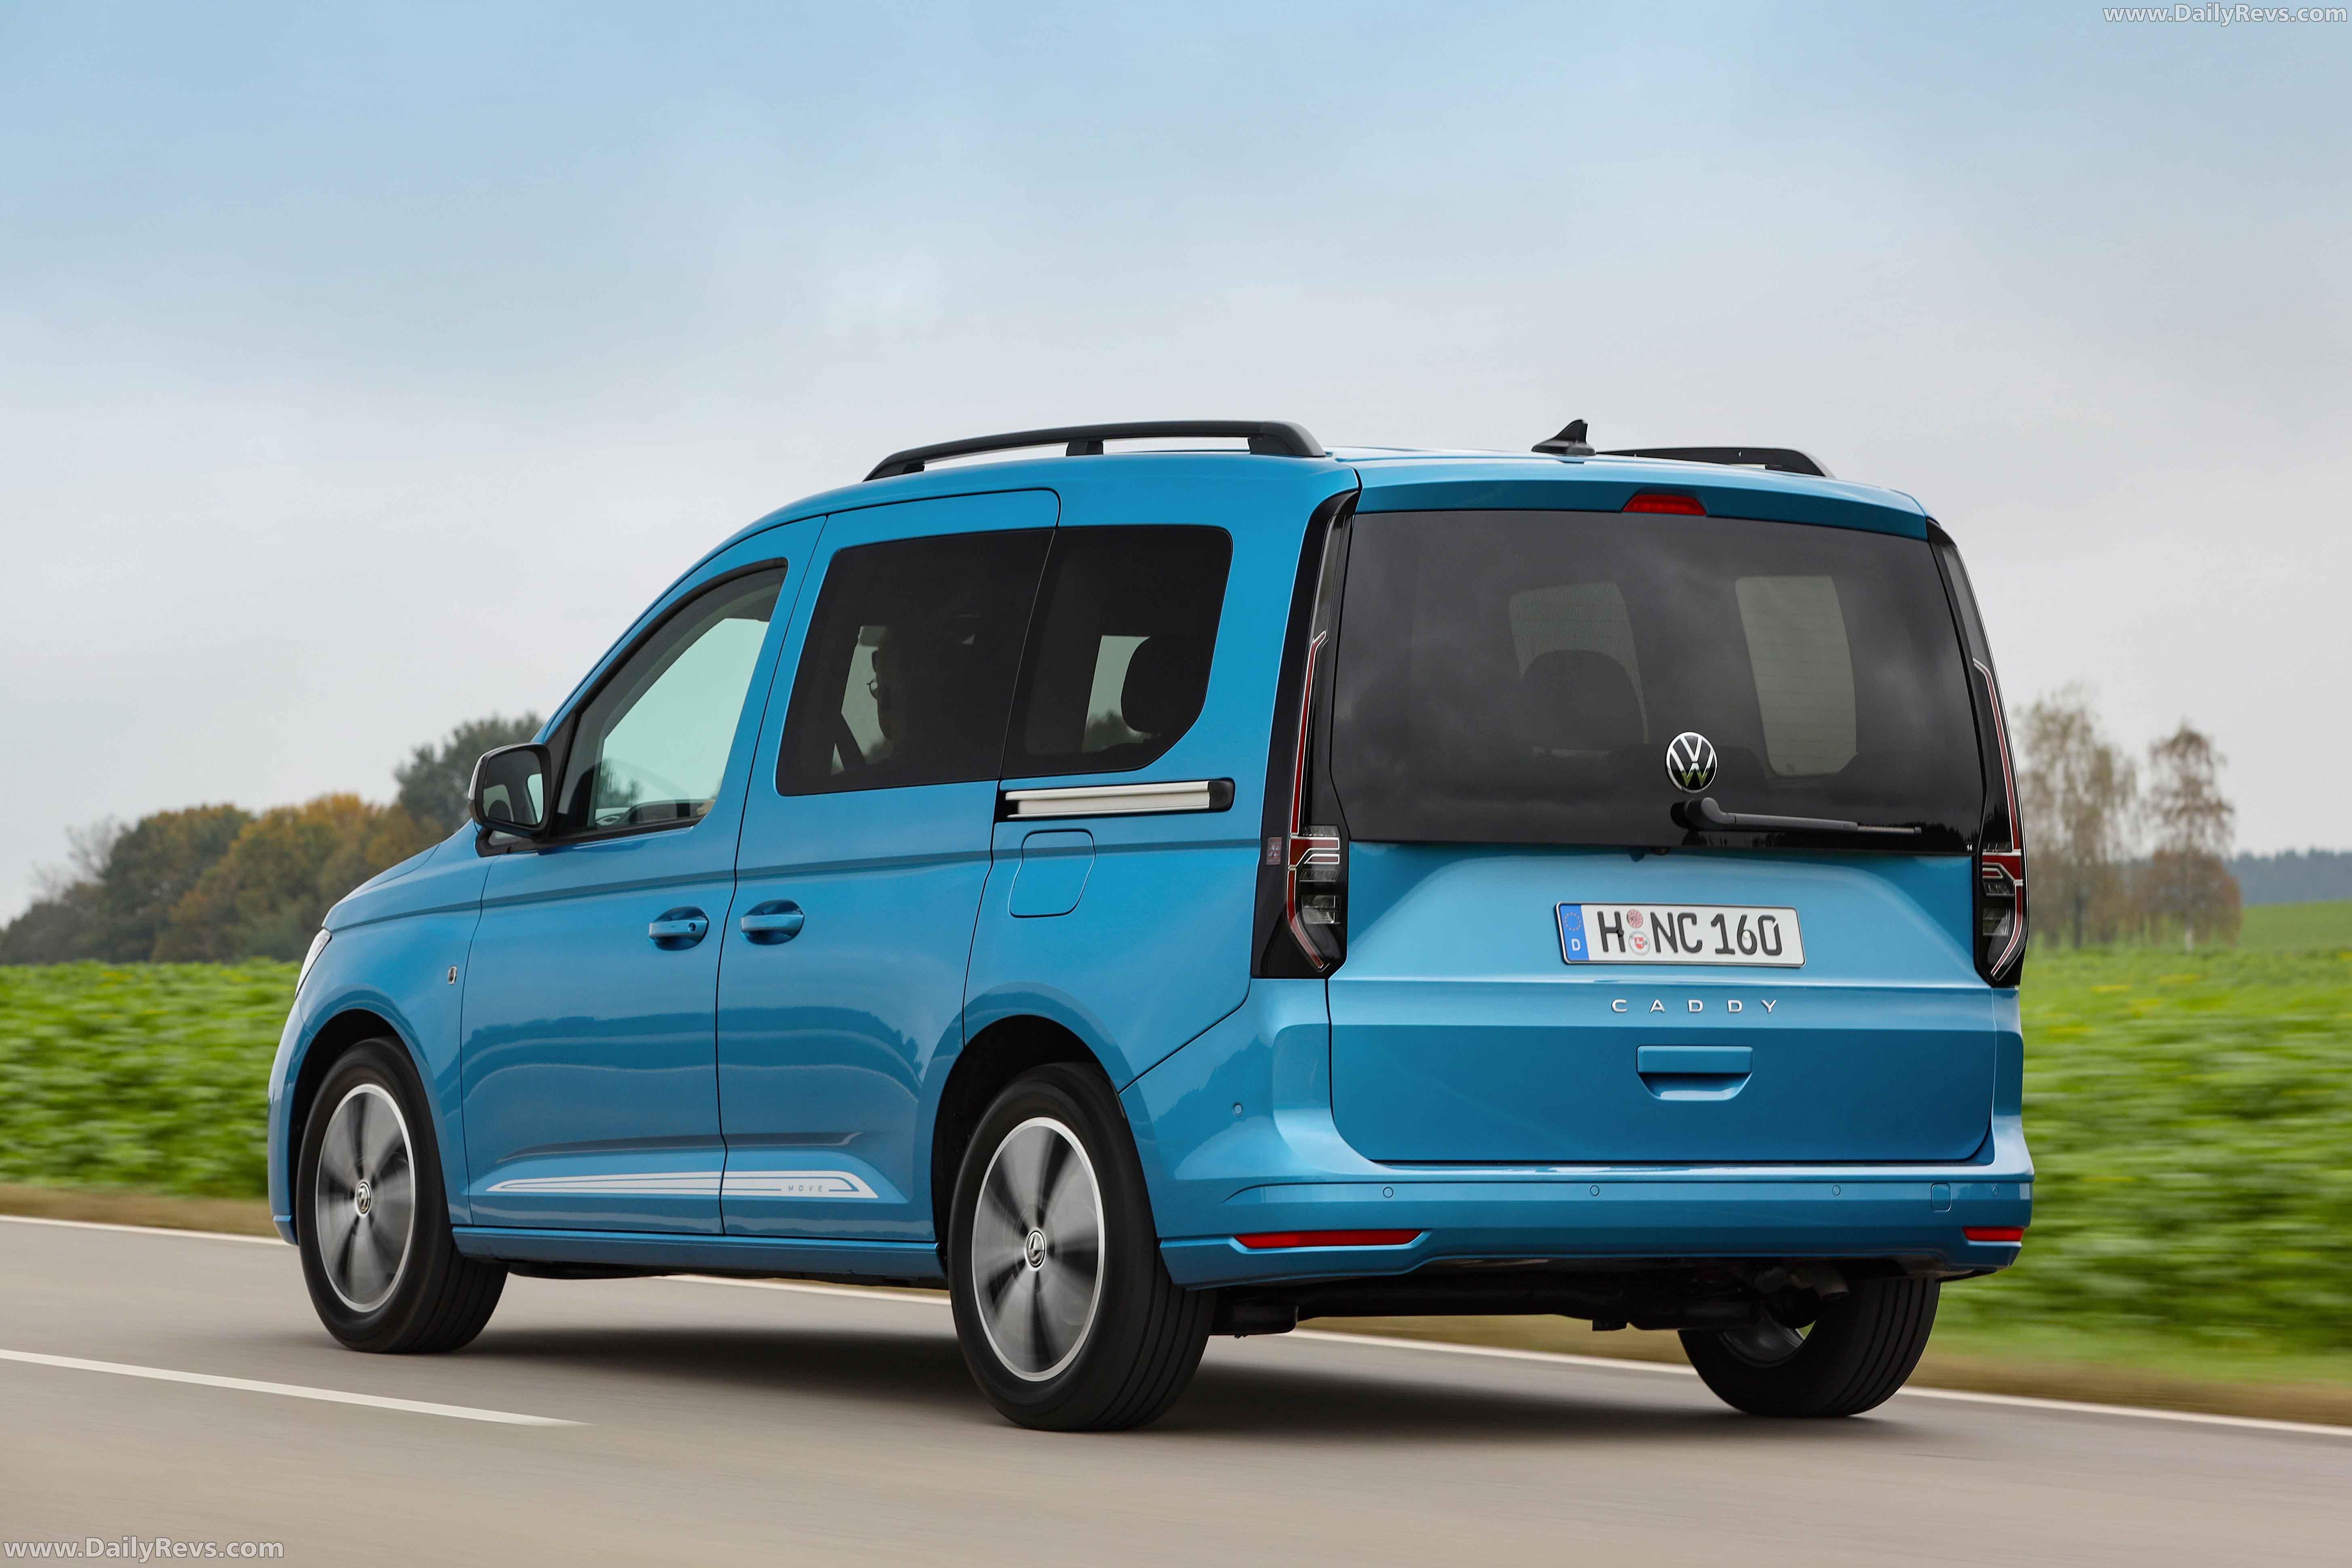 2020 Volkswagen Caddy - HD Pictures, Videos, Specs ...